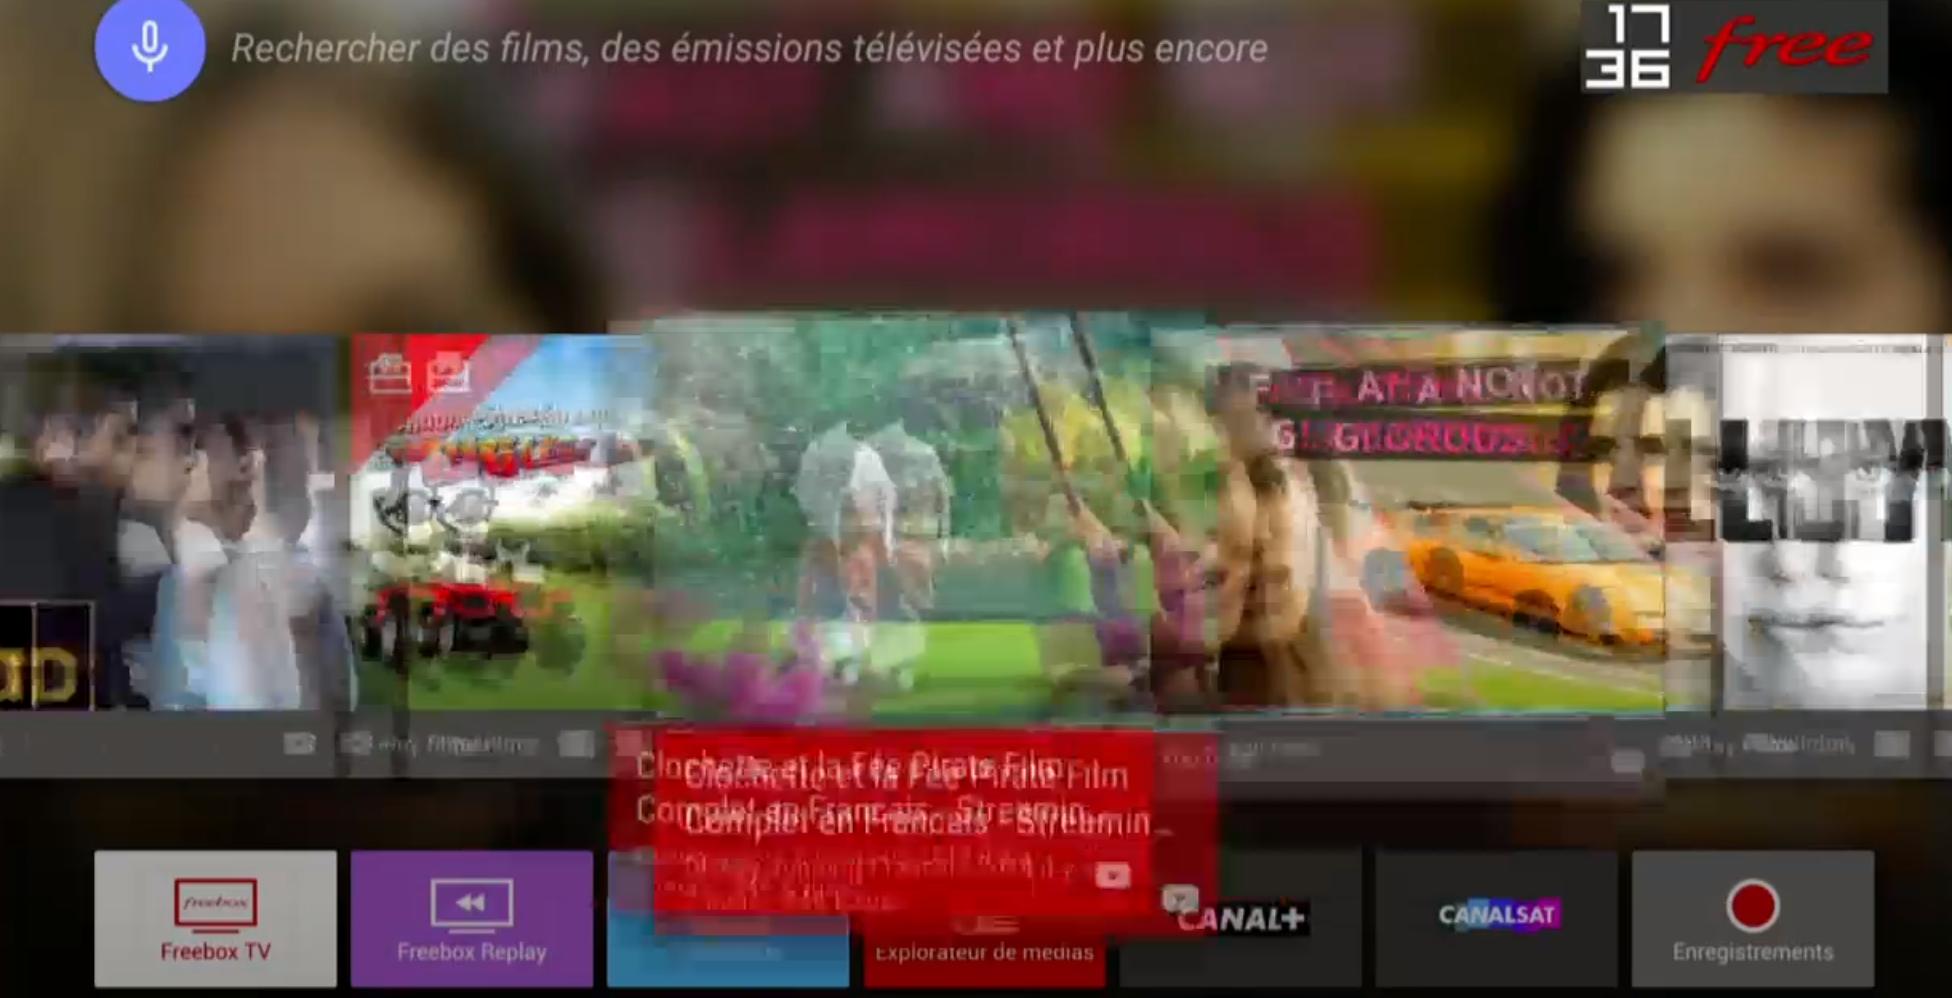 Capture d'écran 2015-03-10 à 10.10.43